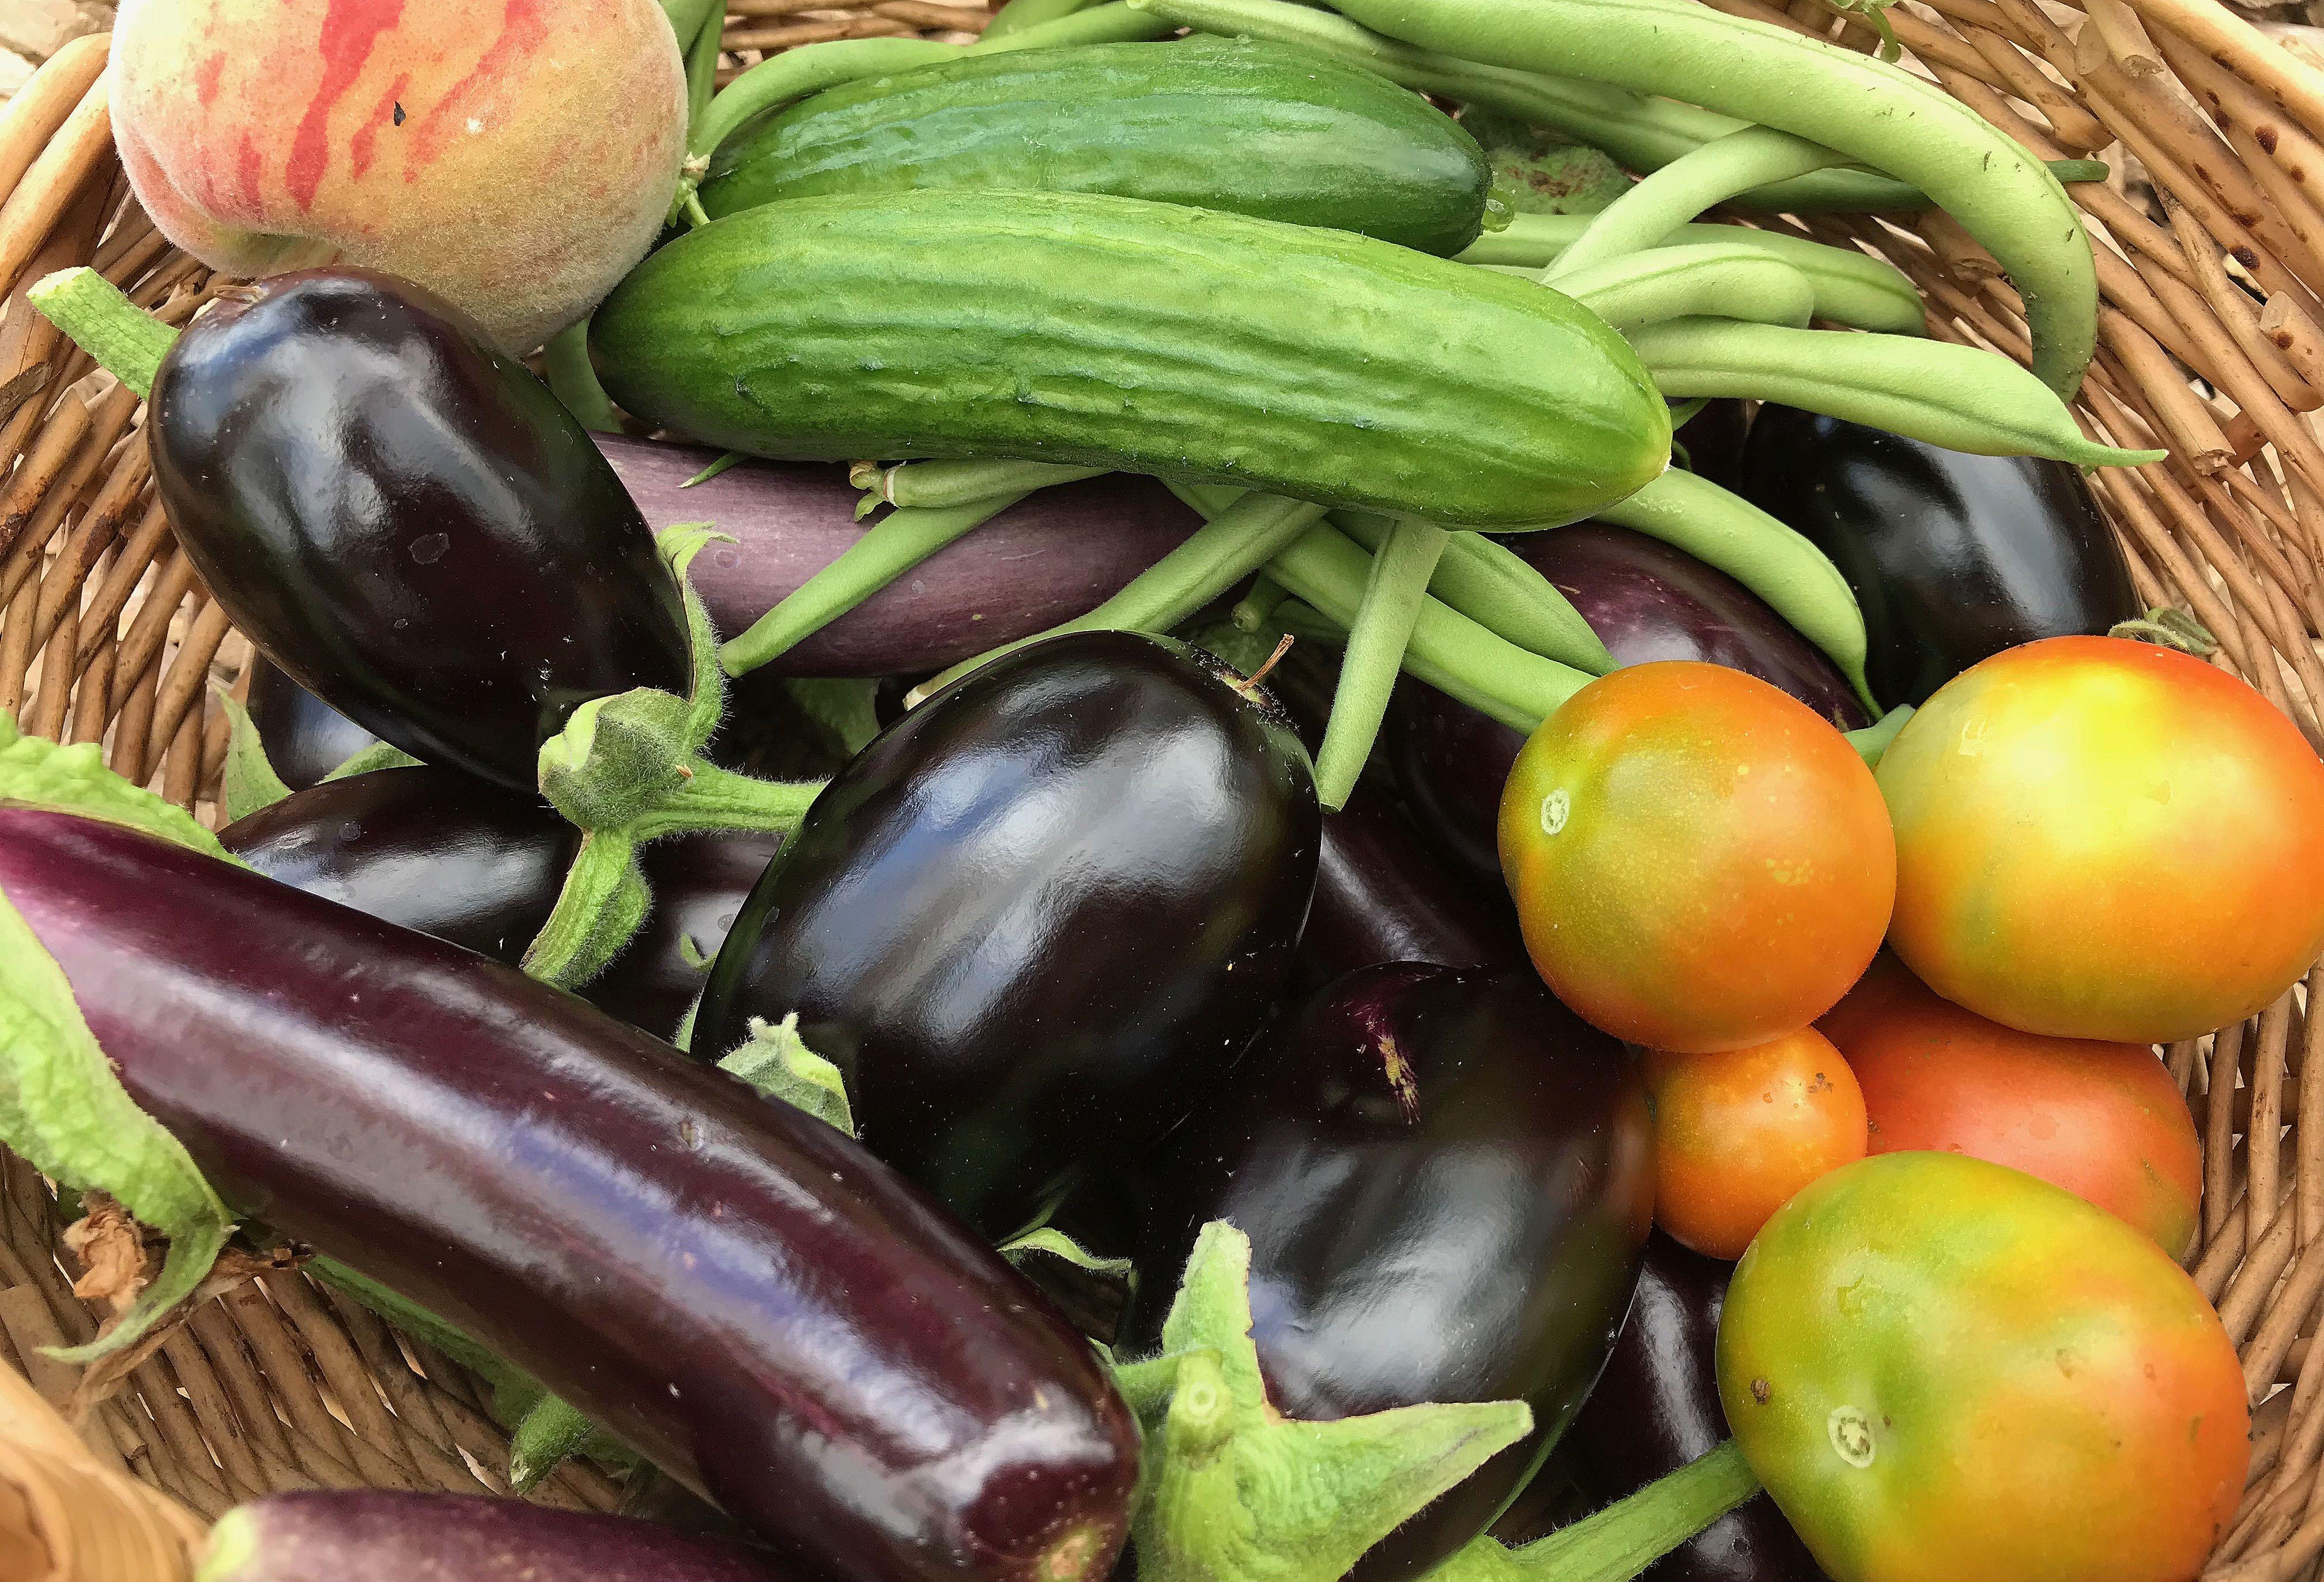 En läcker färgglad bild med glänsande vackra nyskördade grönsaker i en korg.